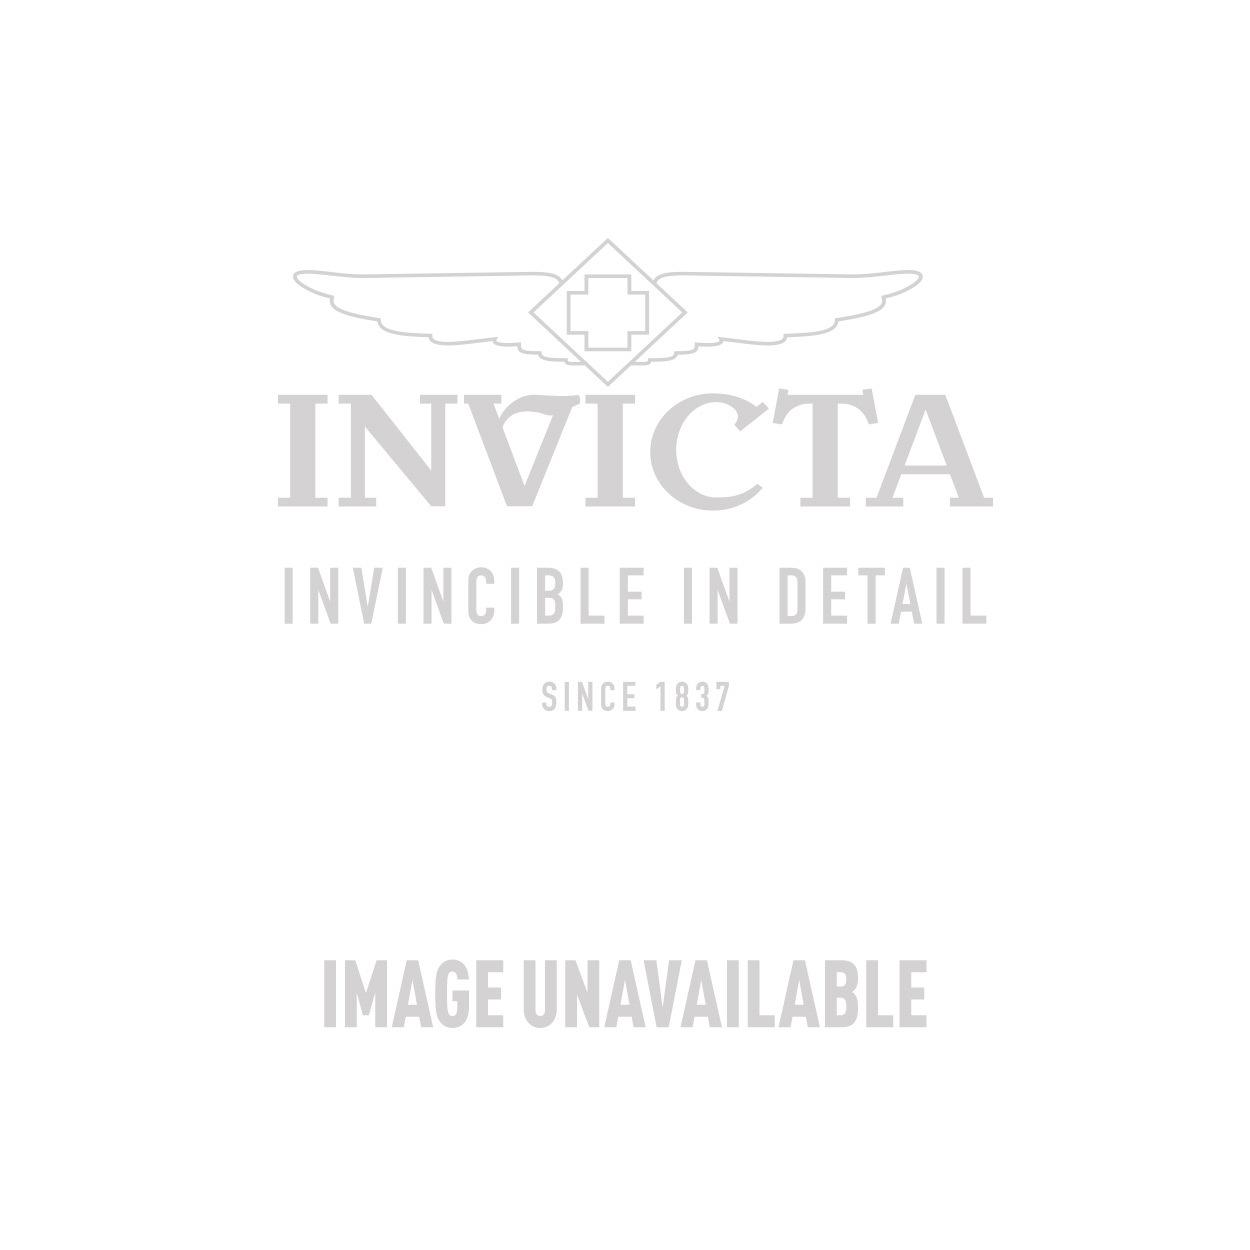 Invicta Model 29168